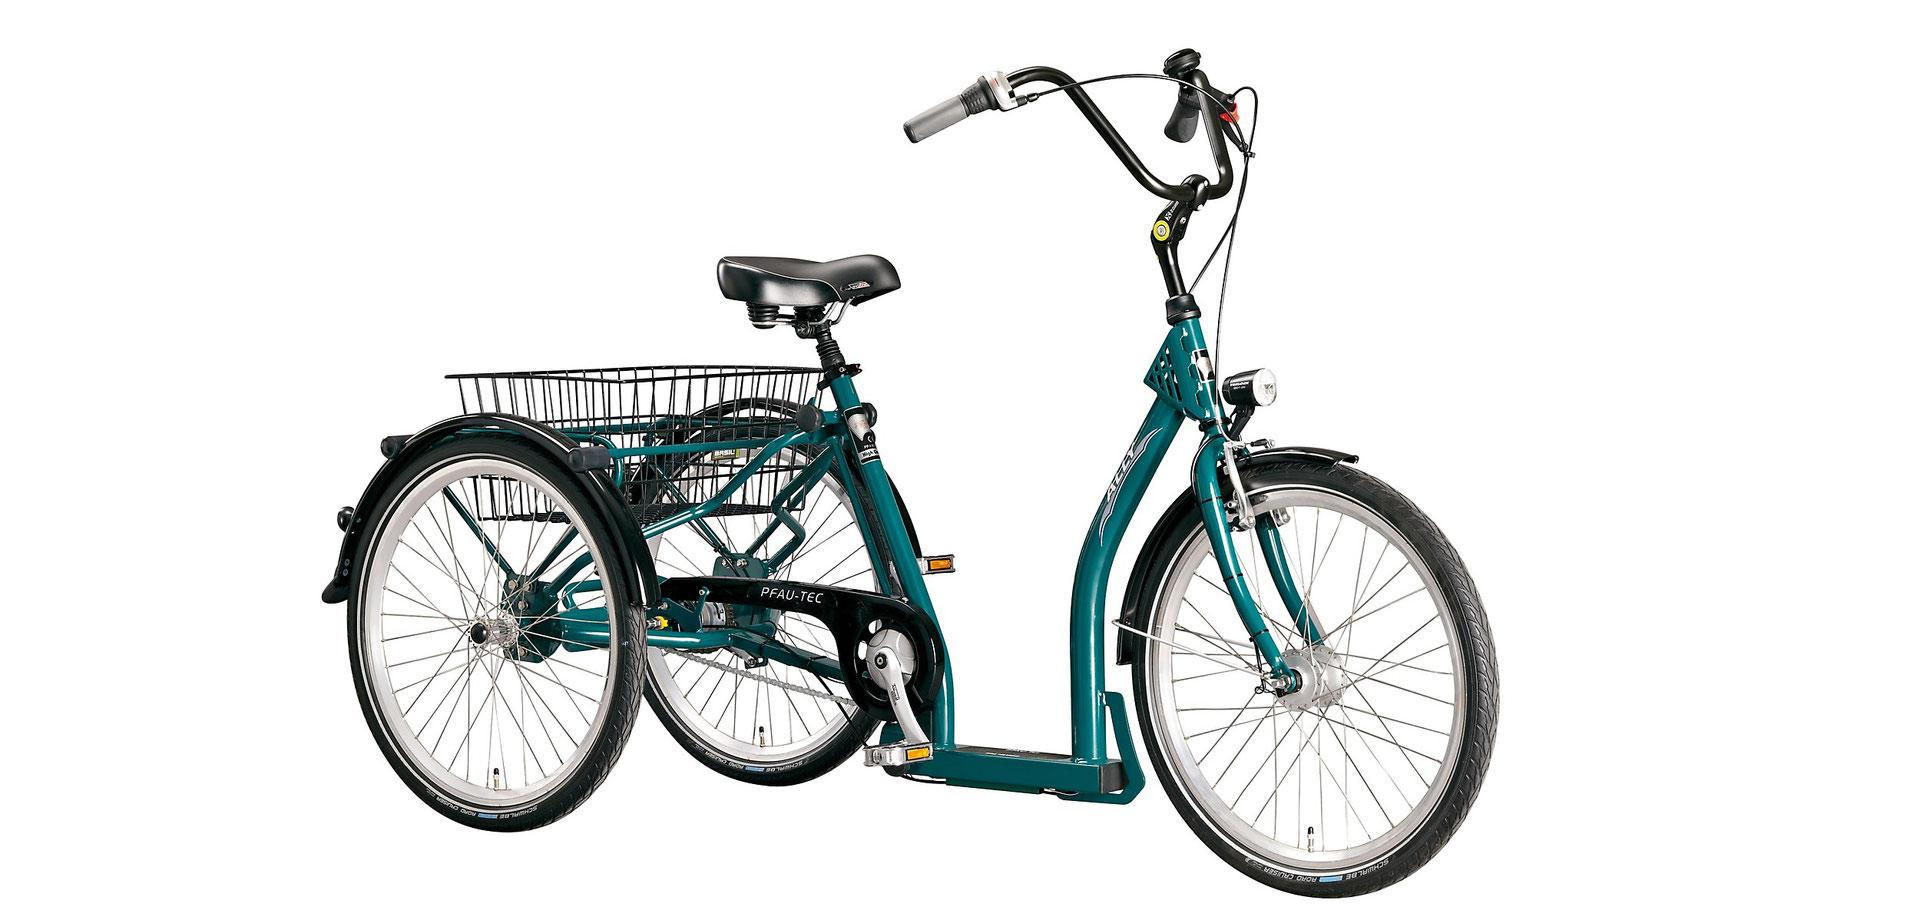 dreirad oder fahrrad sicher und stabil sein dreirad. Black Bedroom Furniture Sets. Home Design Ideas